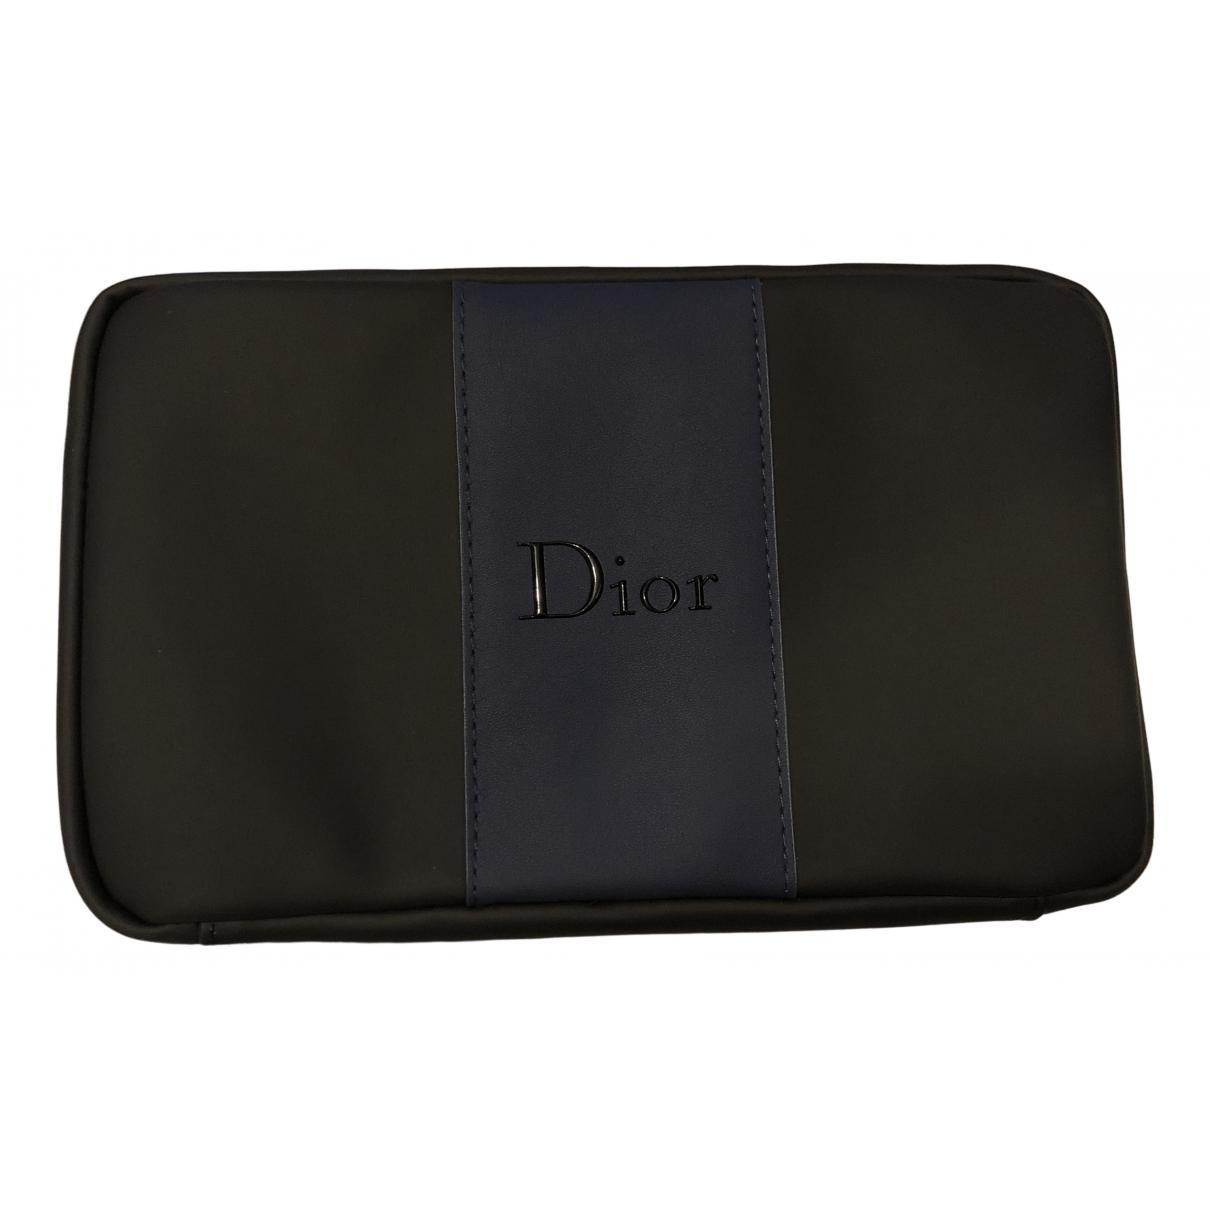 Dior - Petite maroquinerie   pour homme - noir